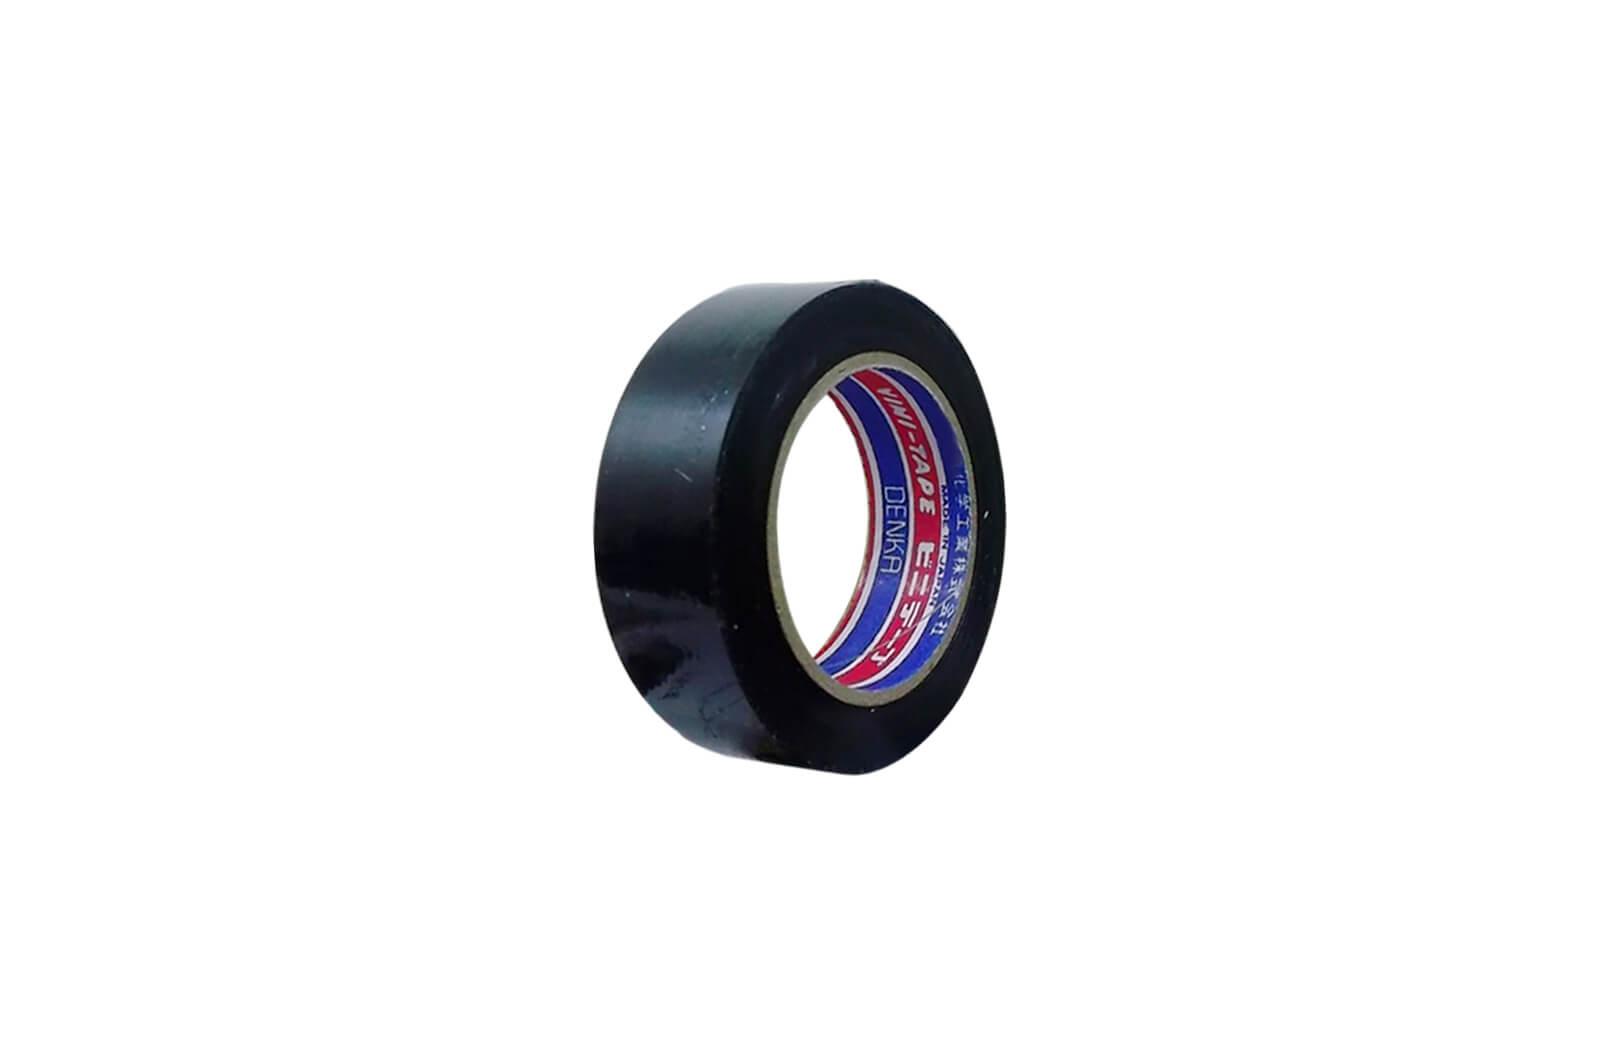 vinl tape